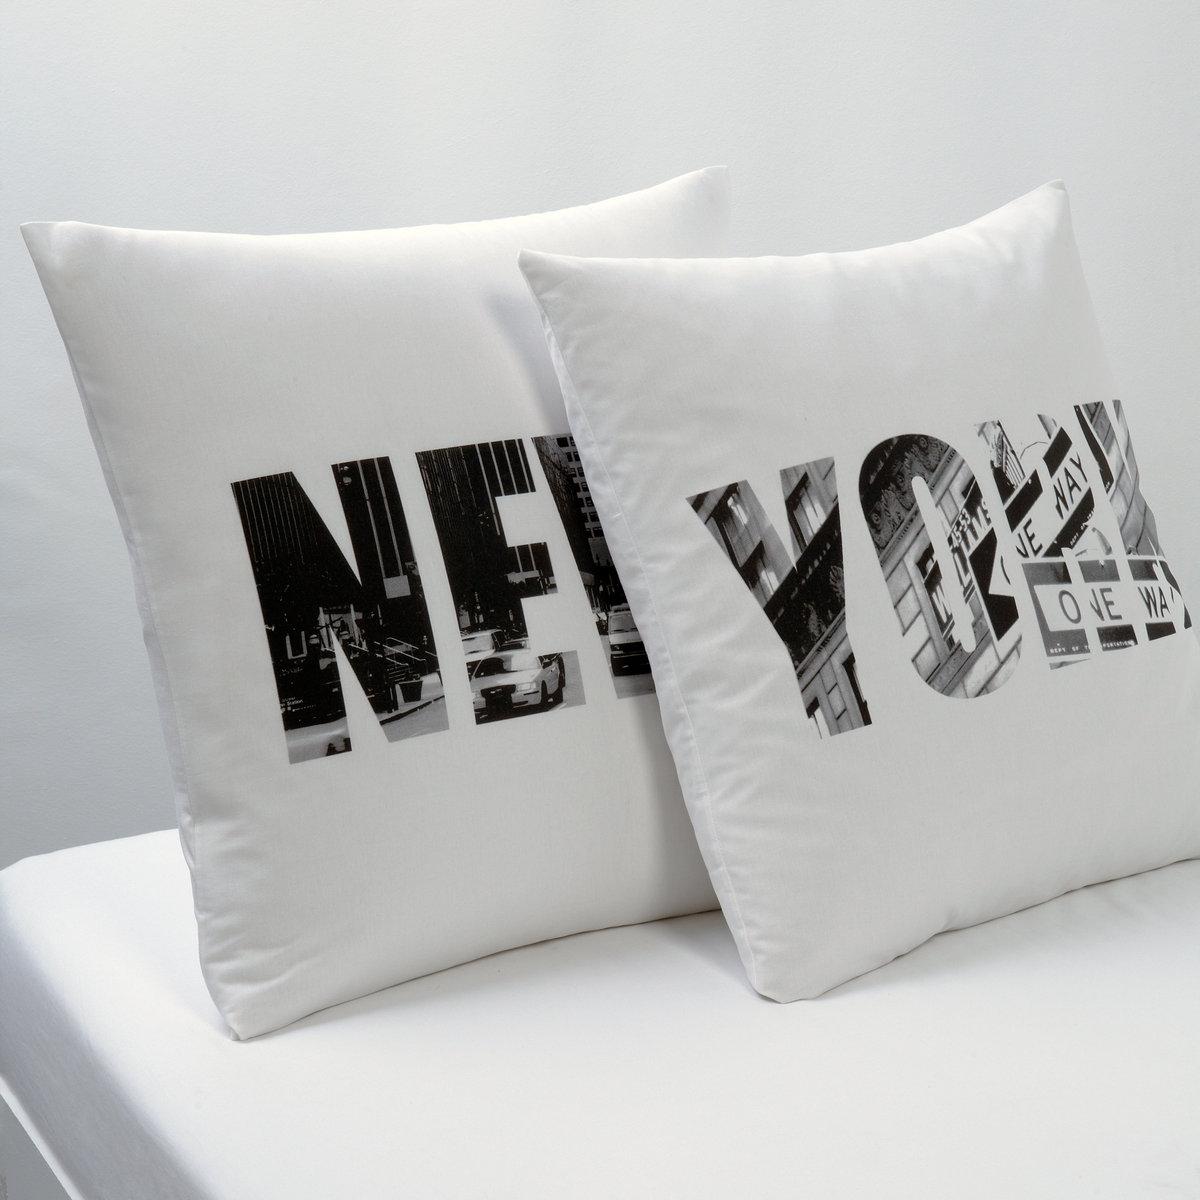 Наволочка с рисунком NEW-YORKКвадратная наволочка с изображением Нью-Йорка, города, который никогда не спит. Характеристики наволочки NEW-YORK : - С узорчатым клапаном.- 100% хлопка (57 нитей/cм?). Чем больше плотность переплетения нитей/см?, тем качественнее материал.- Стирка при 60°.Размеры: 63 x 63 см: квадратная наволочка.<br><br>Цвет: белый/ серый/ черный<br>Размер: 63 x 63  см